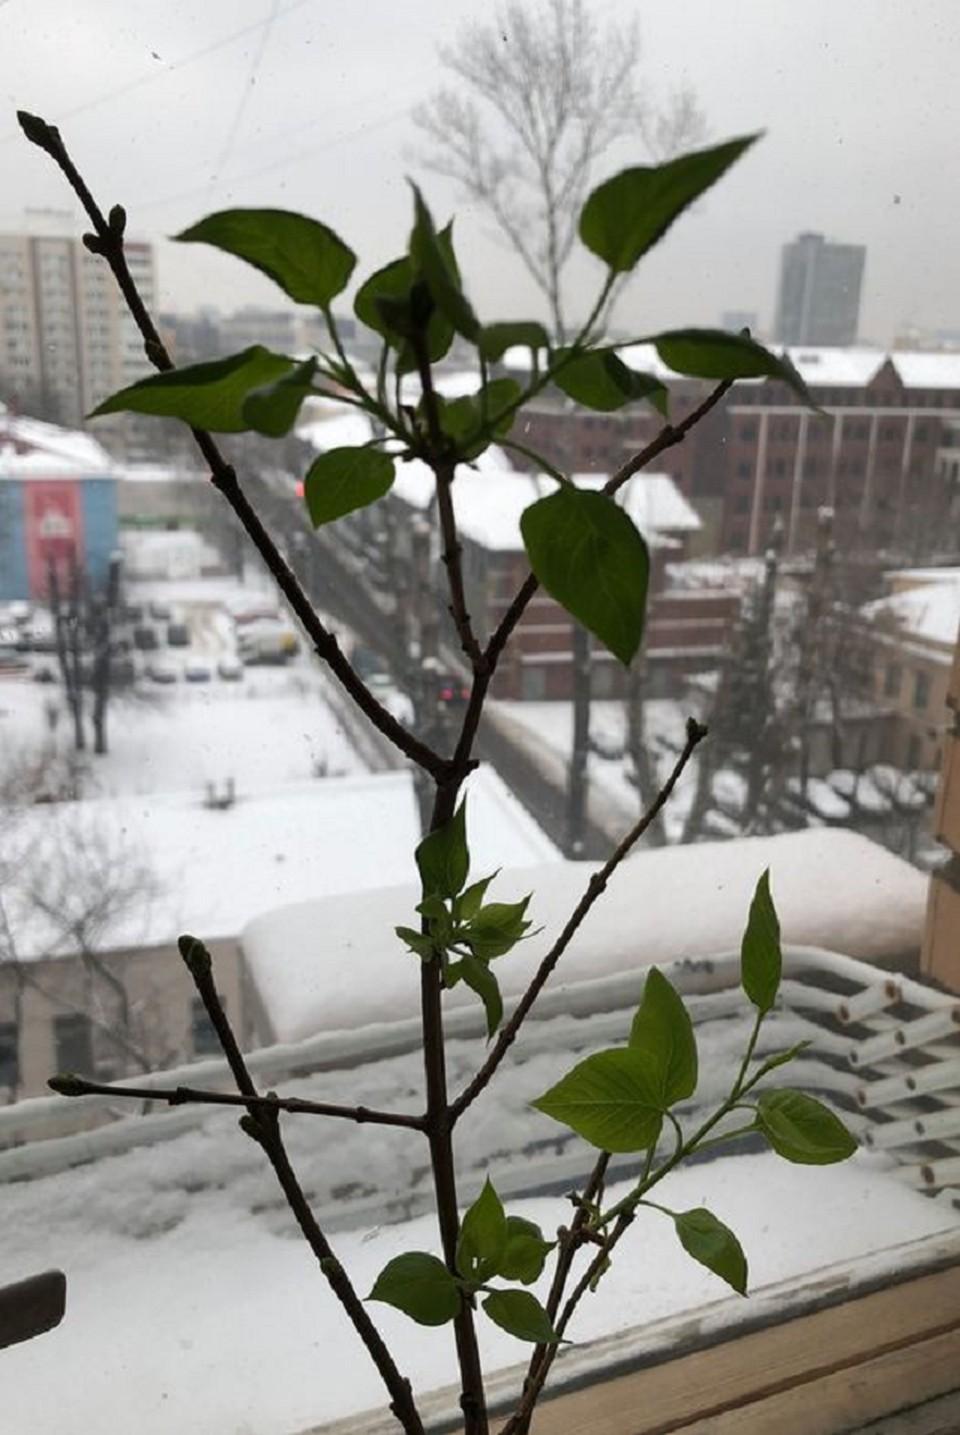 Сейчас за окном +1 и накрапывает дождь вперемешку со снегом. Дороги за ночь подмерзли, поэтому будьте внимательны за рулем и в качестве пешехода. Всем удачного дня!